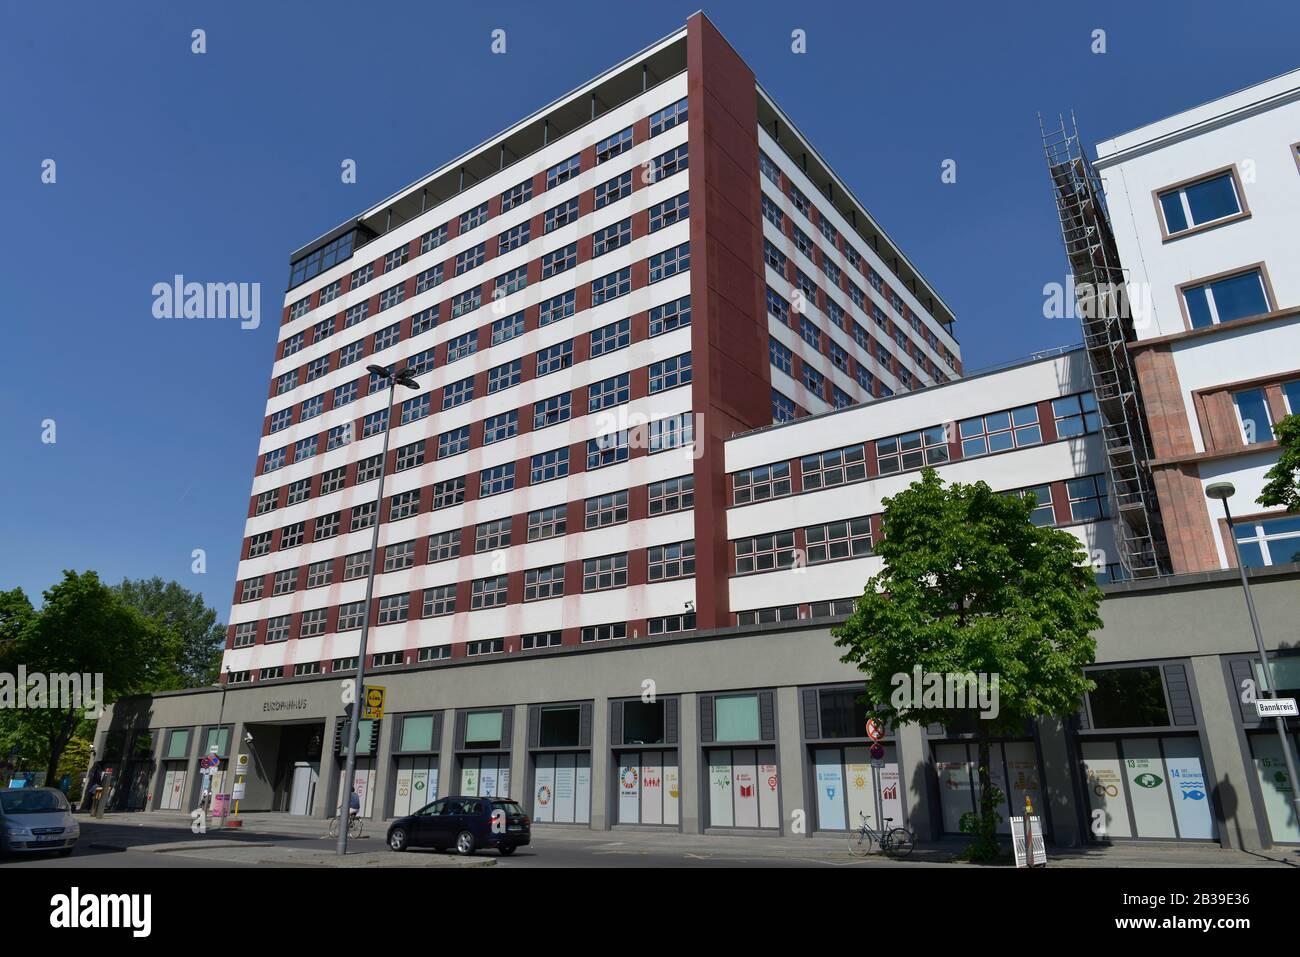 Europahaus, Stresemannstrasse, Kreuzberg, Berlin, Deutschland Stock Photo